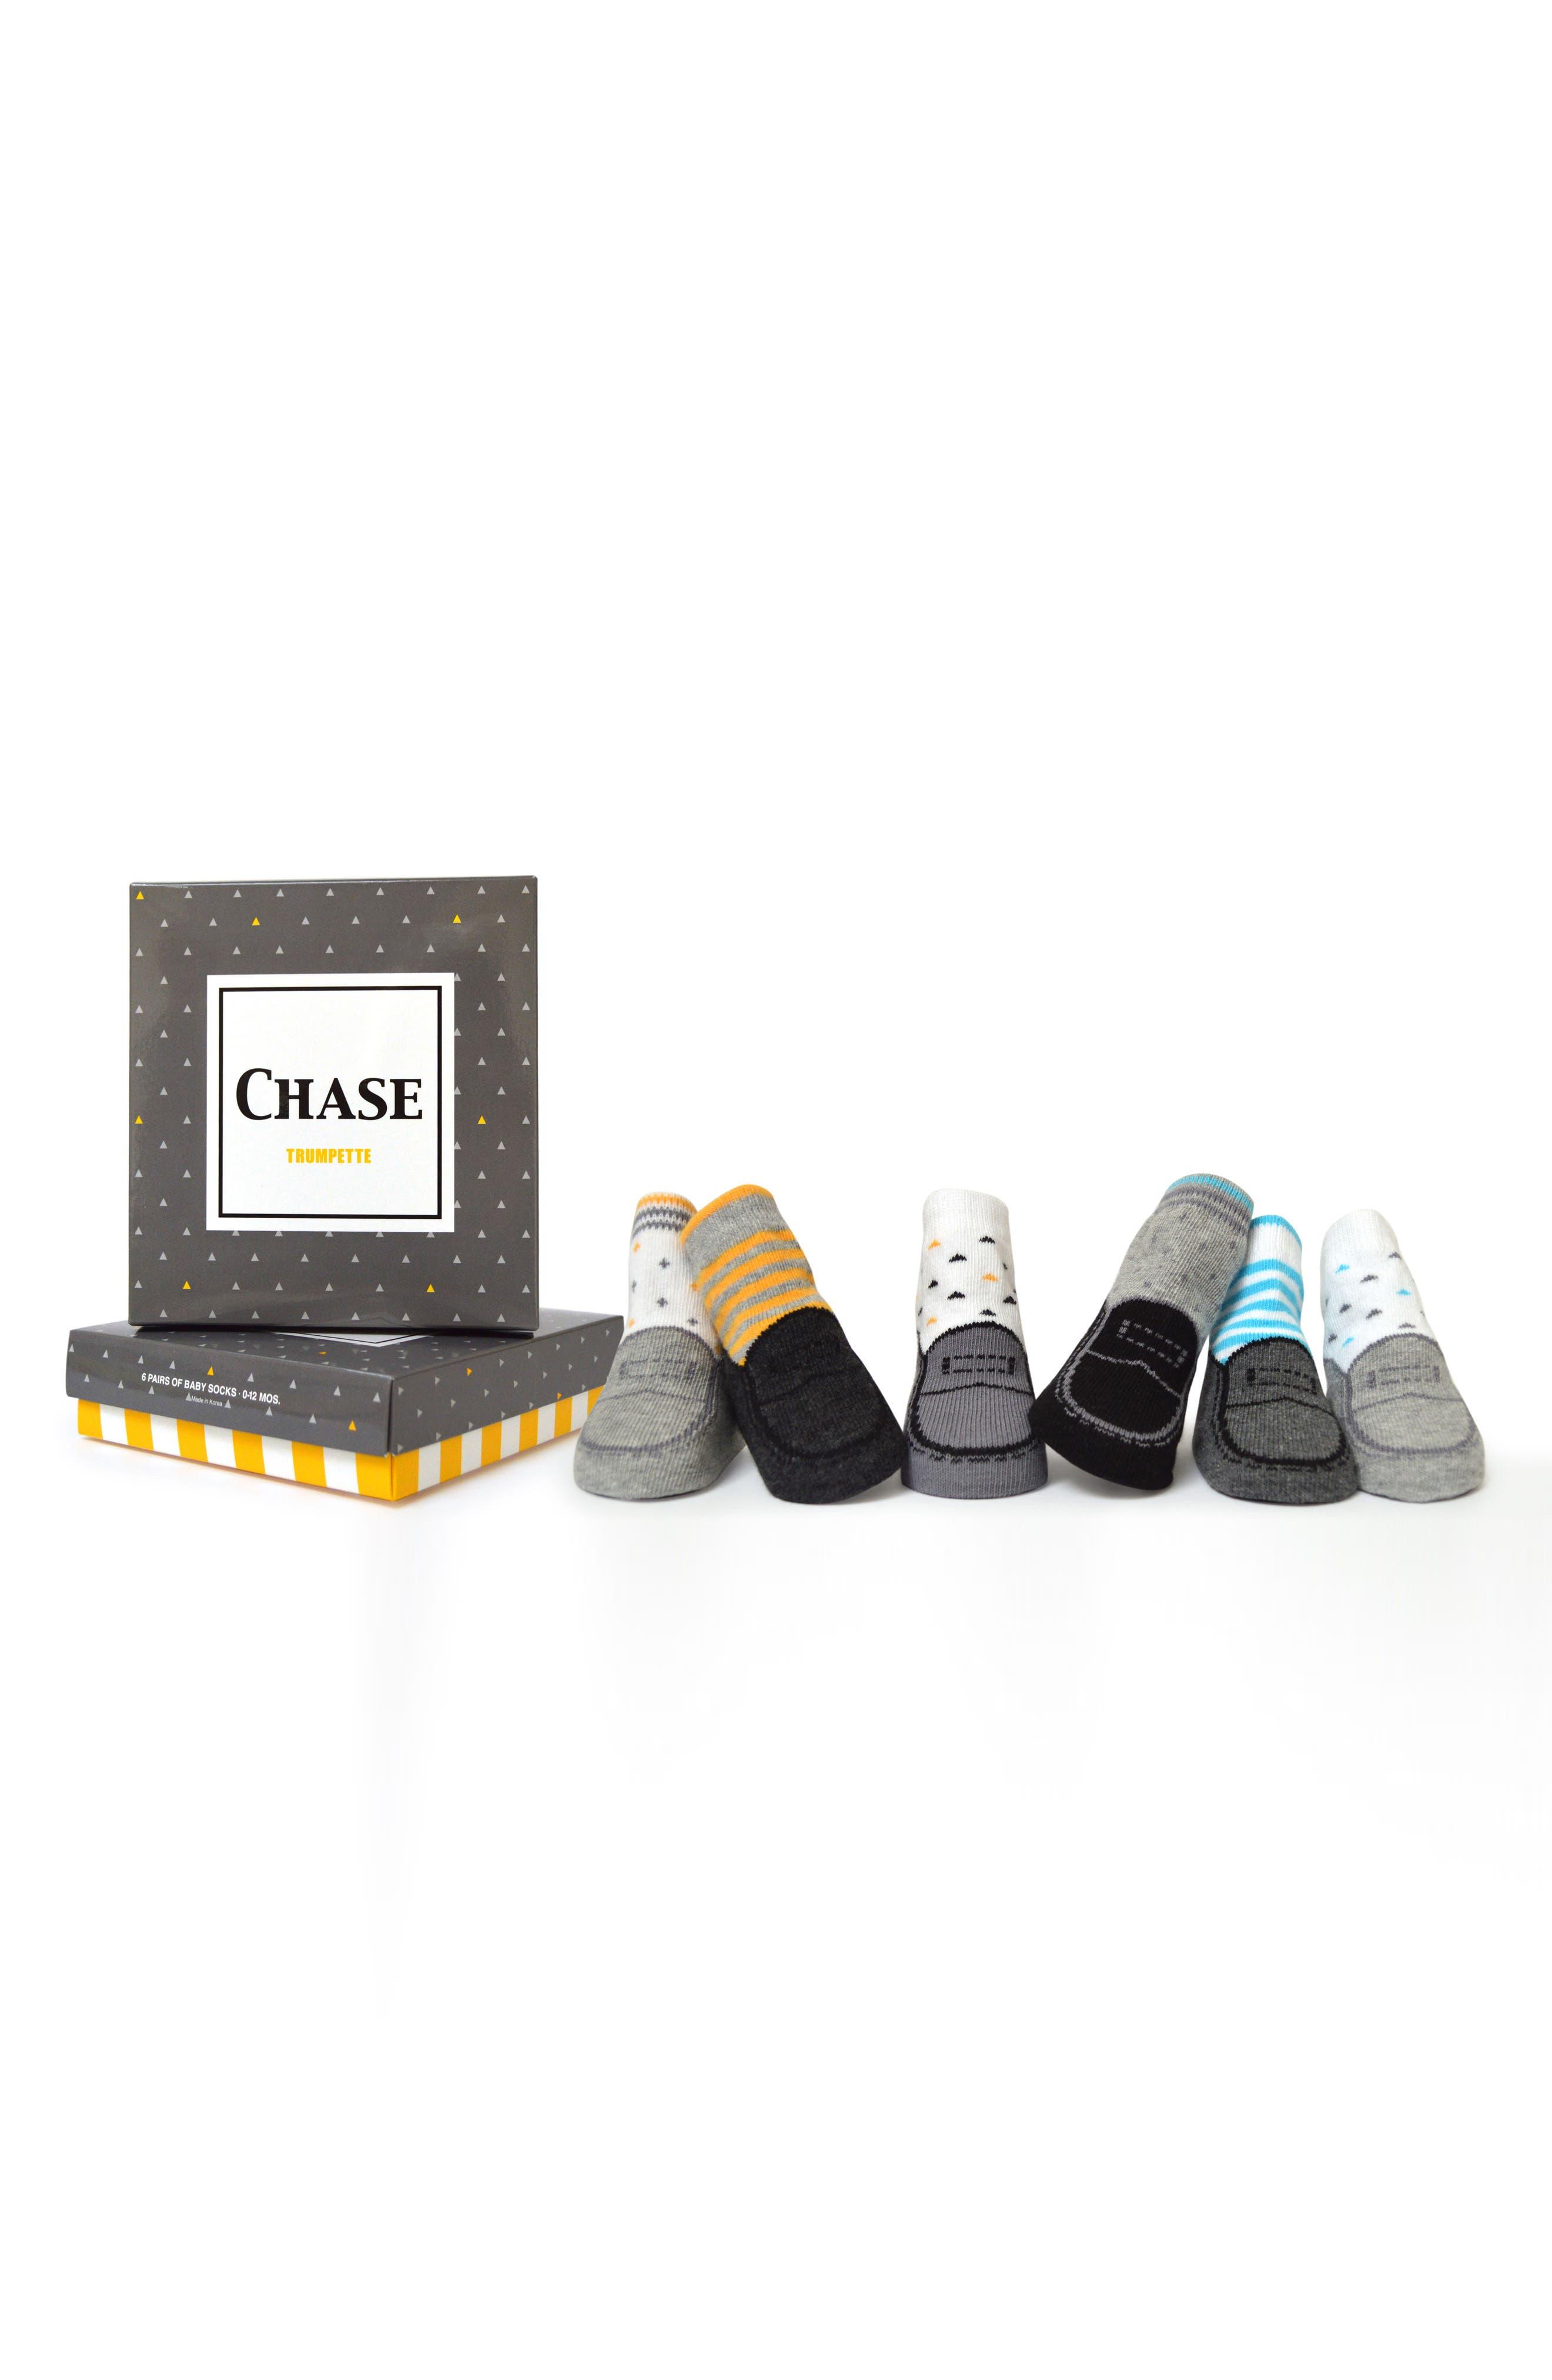 Chase 6-Pack Socks,                             Main thumbnail 1, color,                             100